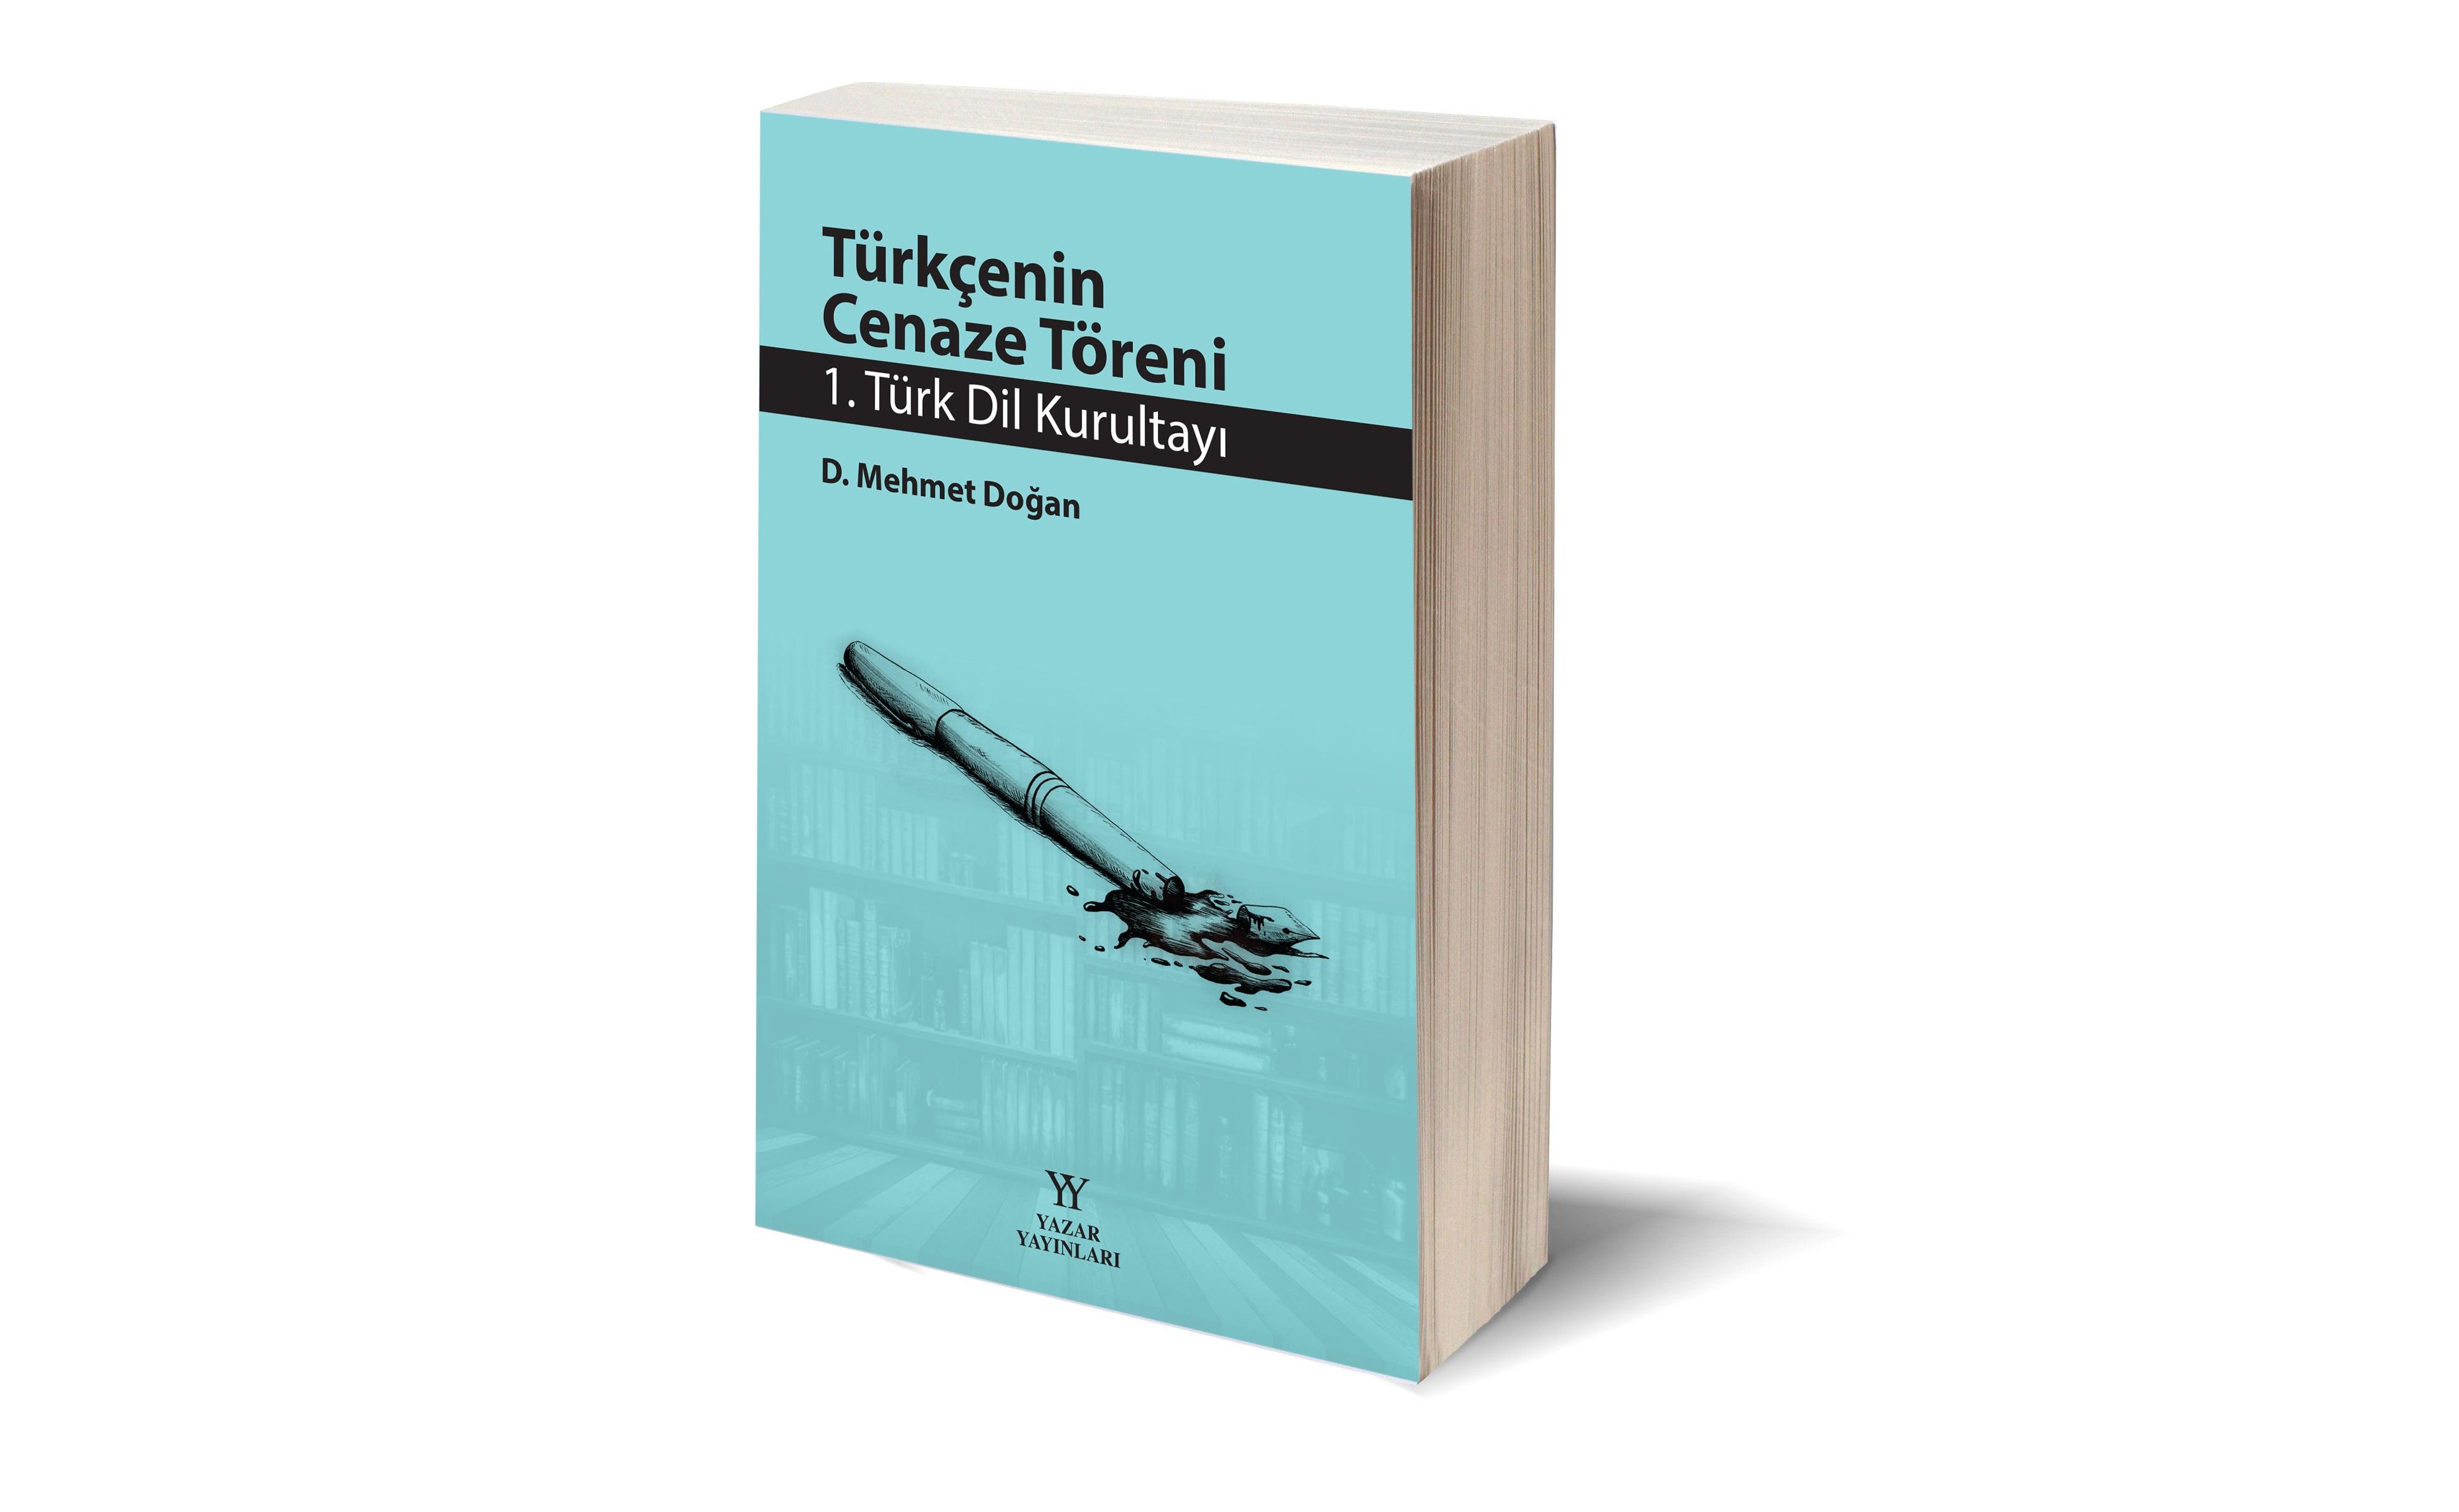 D. Mehmet Doğan'dan yeni kitap: Türkçenin Cenaze Töreni